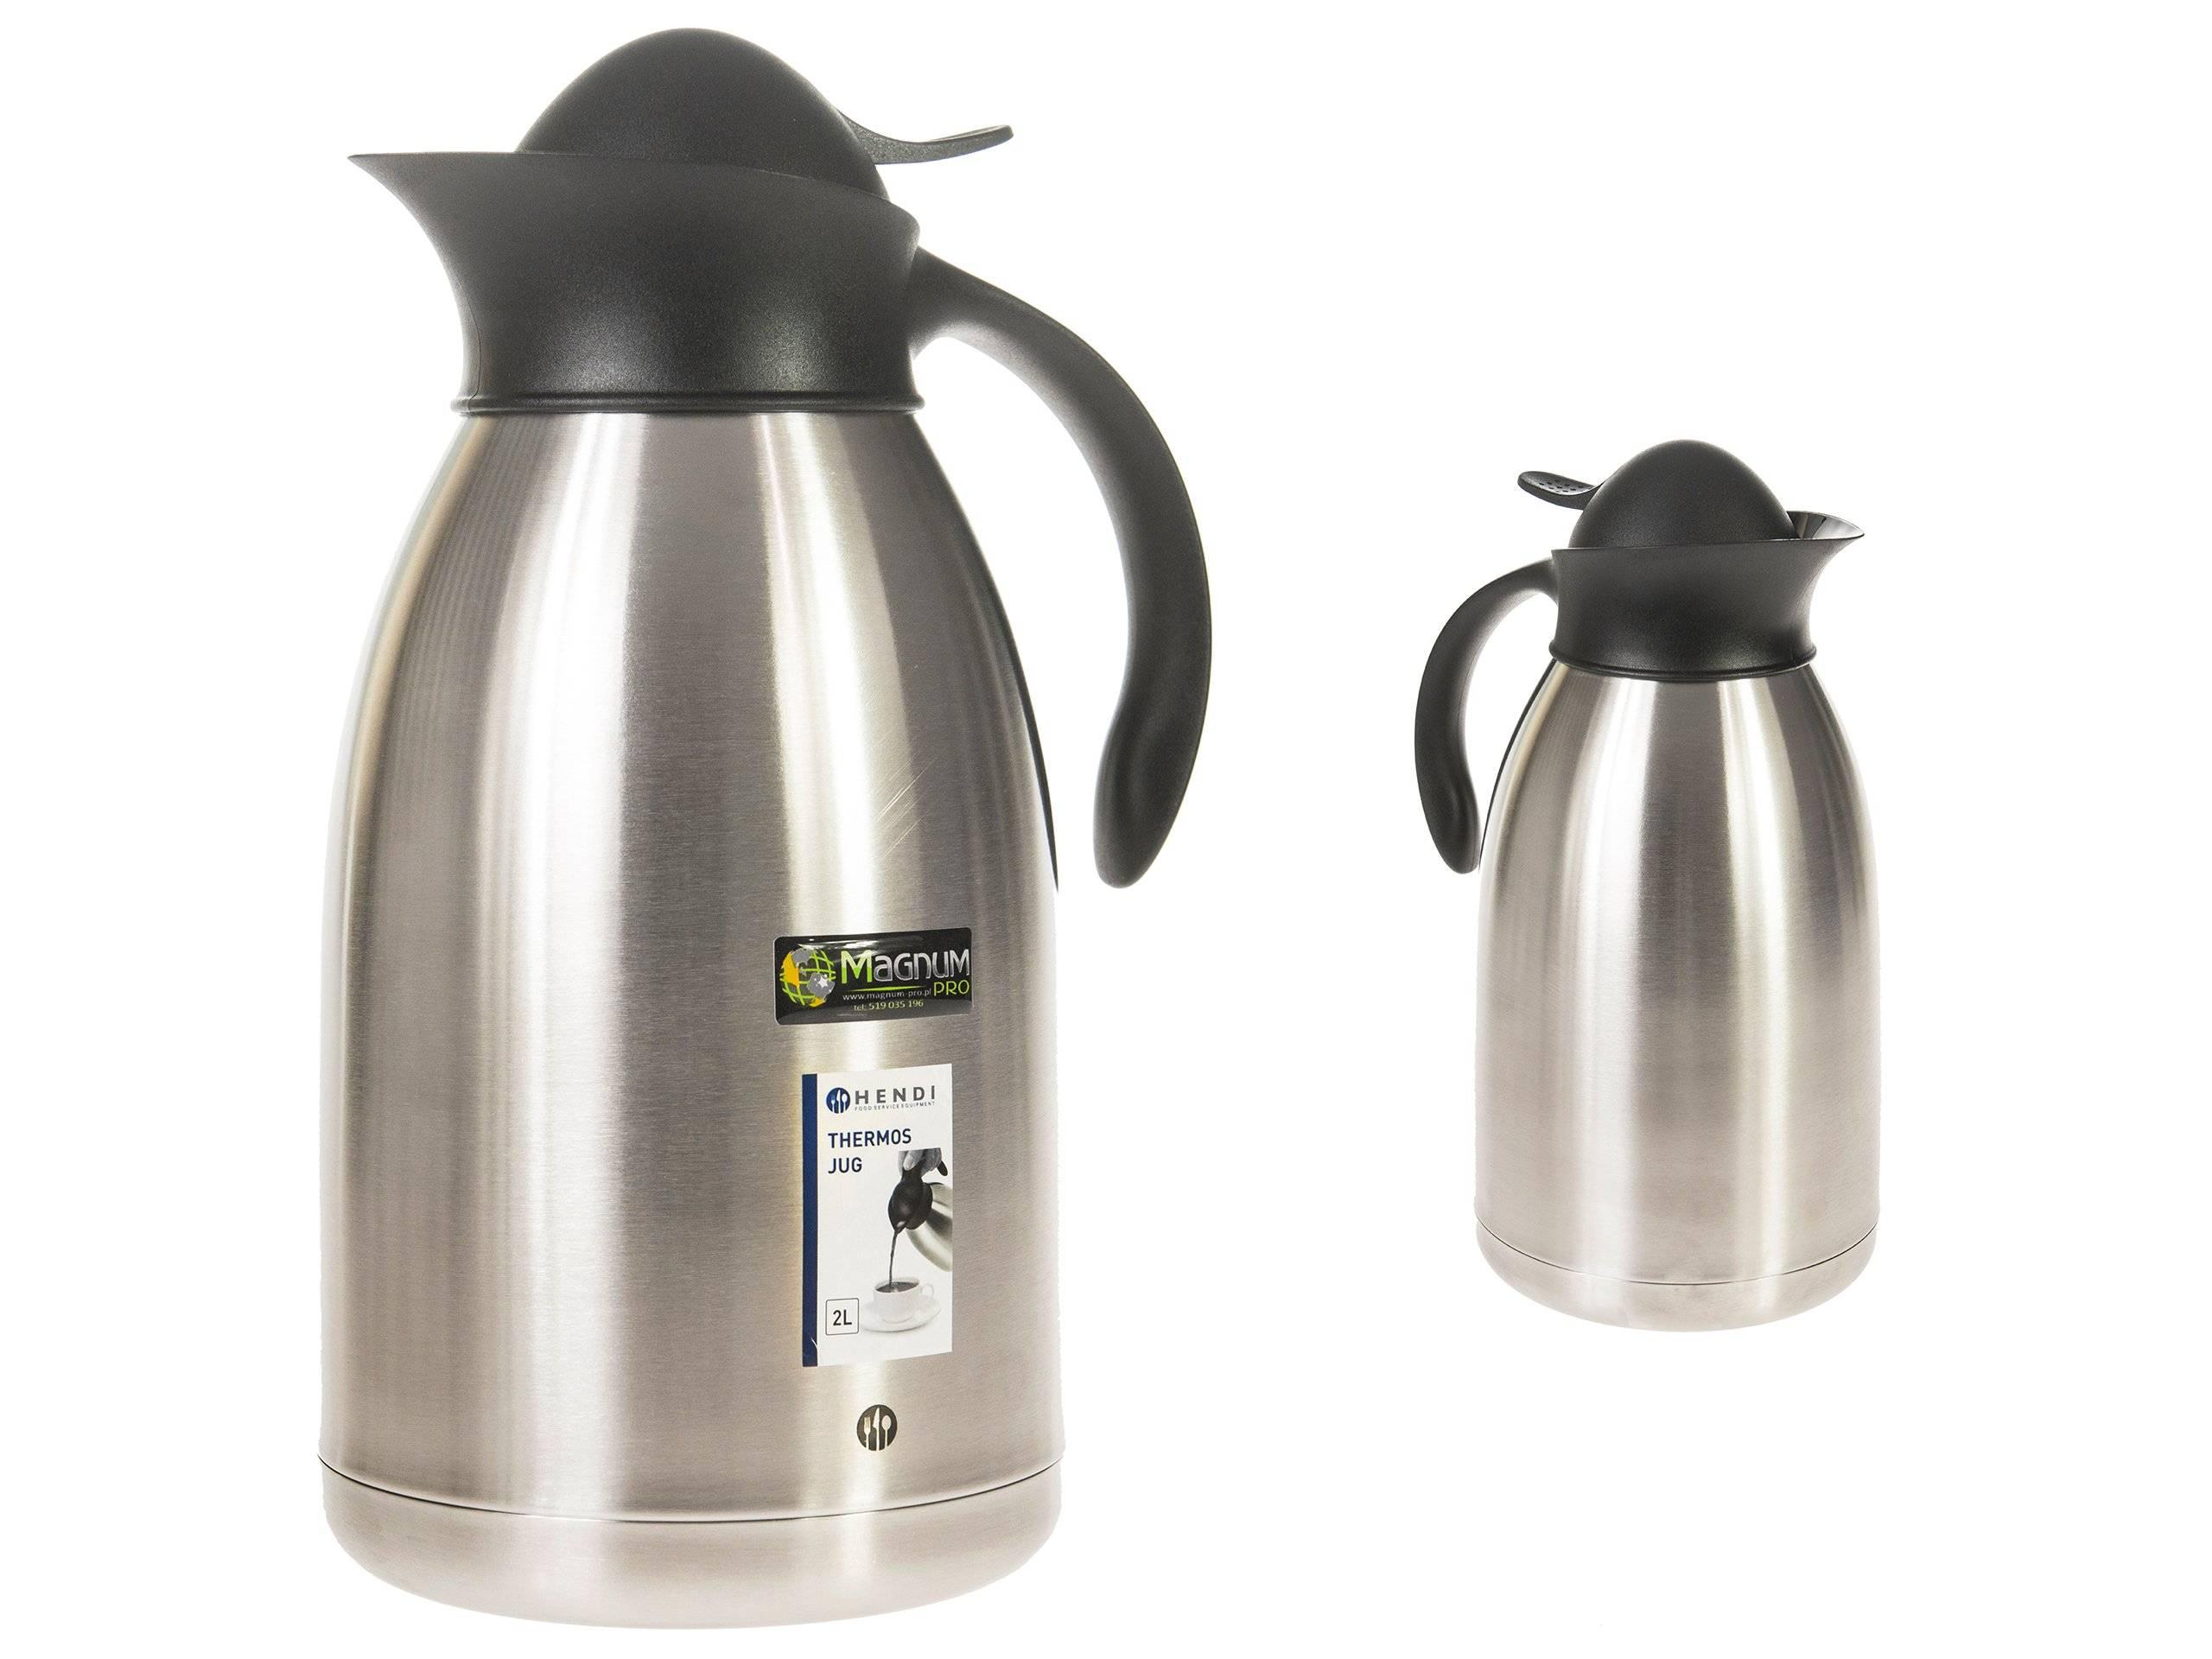 Термос-кофейник: общие характеристики и советы по выбору